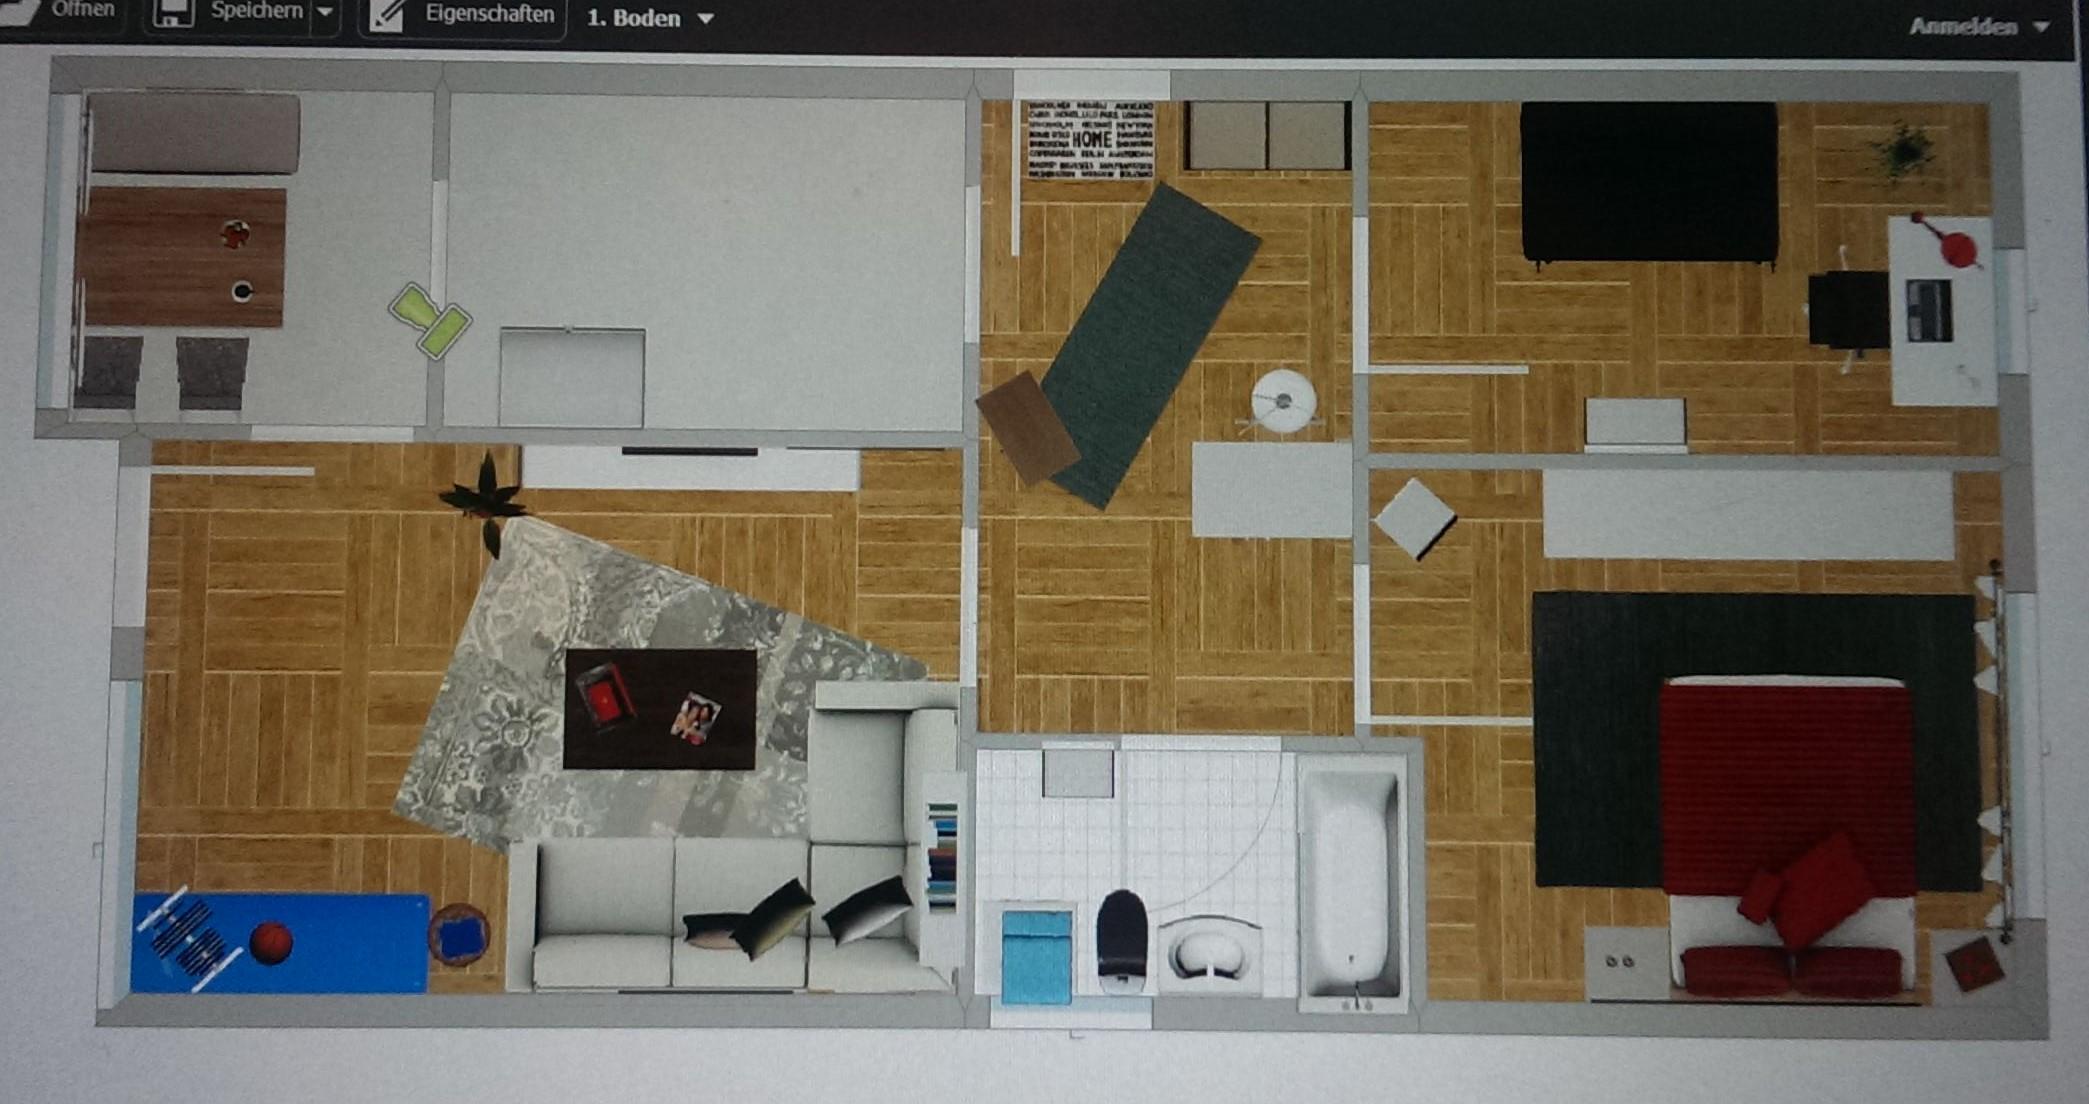 ich will eure wohnung sehen seite 457 erster erster erster jumpy her mit den. Black Bedroom Furniture Sets. Home Design Ideas